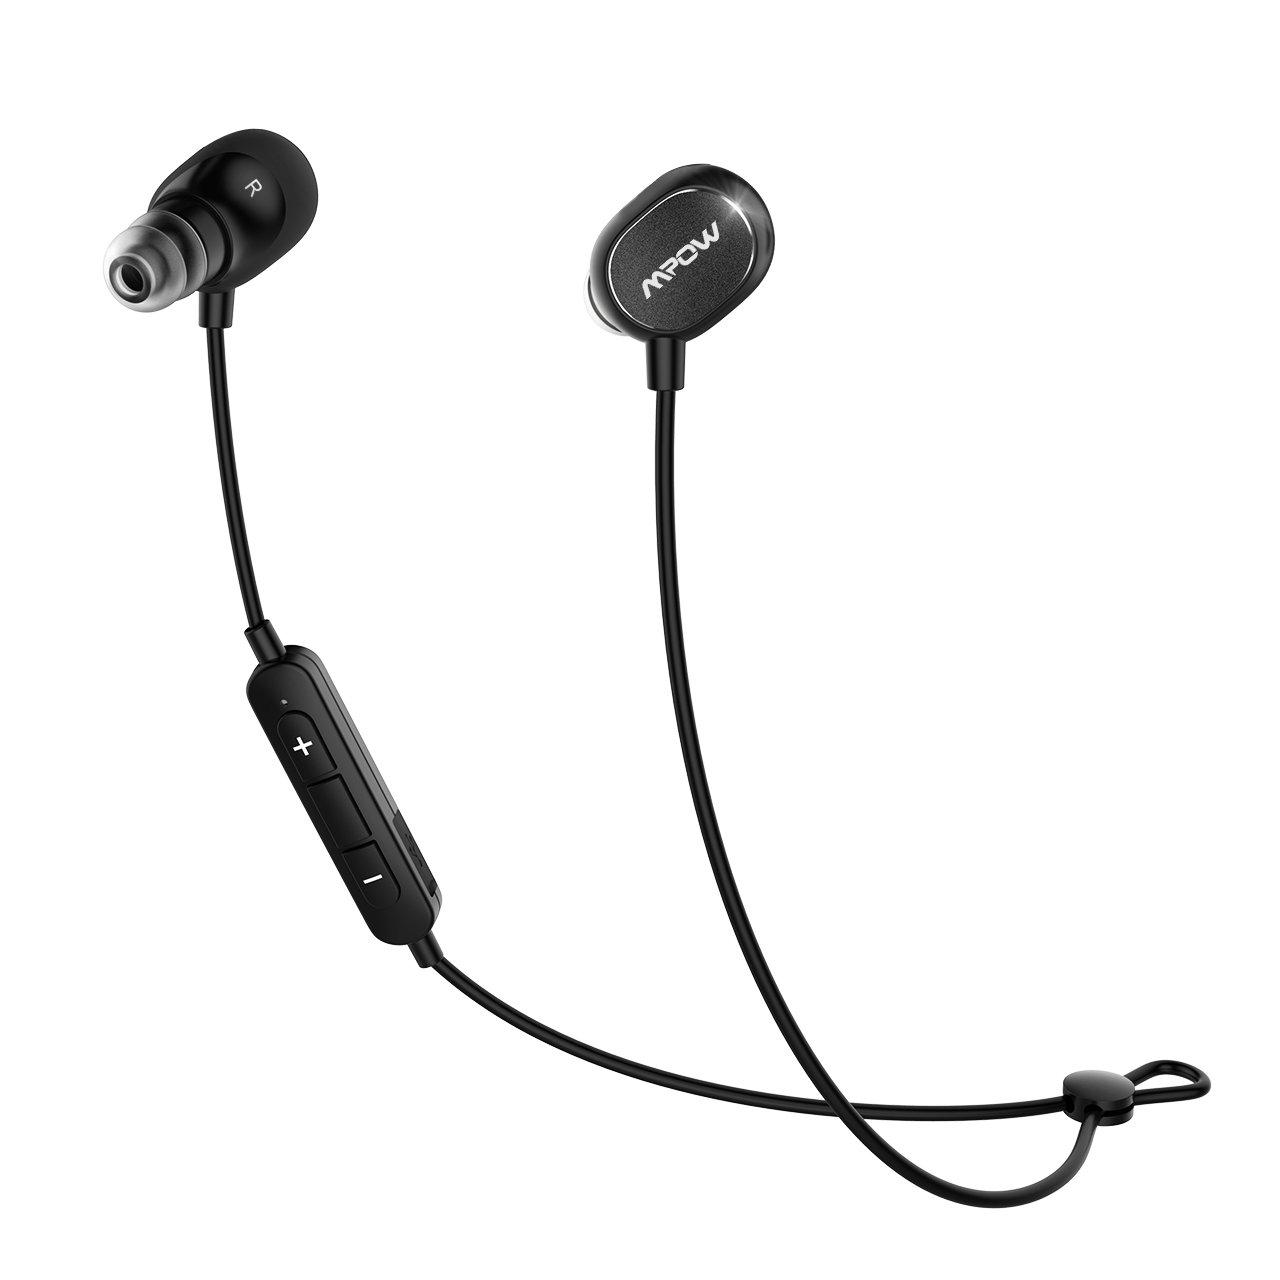 Mpow Dummer Auriculares Bluetooth 4.1 Deportivos por 14 euros